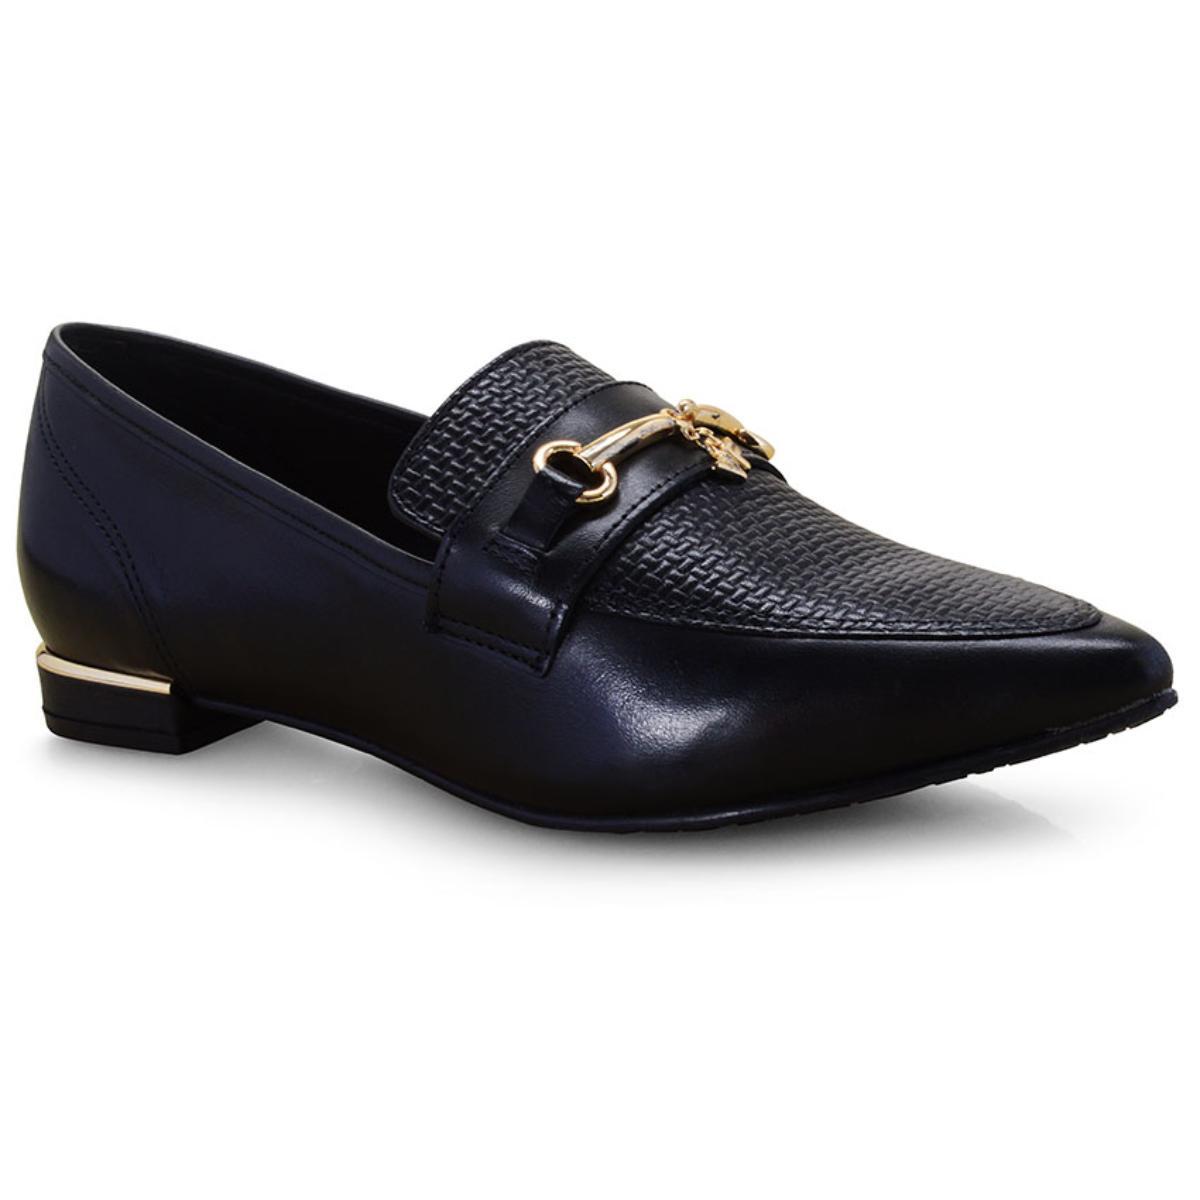 Sapato Feminino Verofatto 6012703 Preto